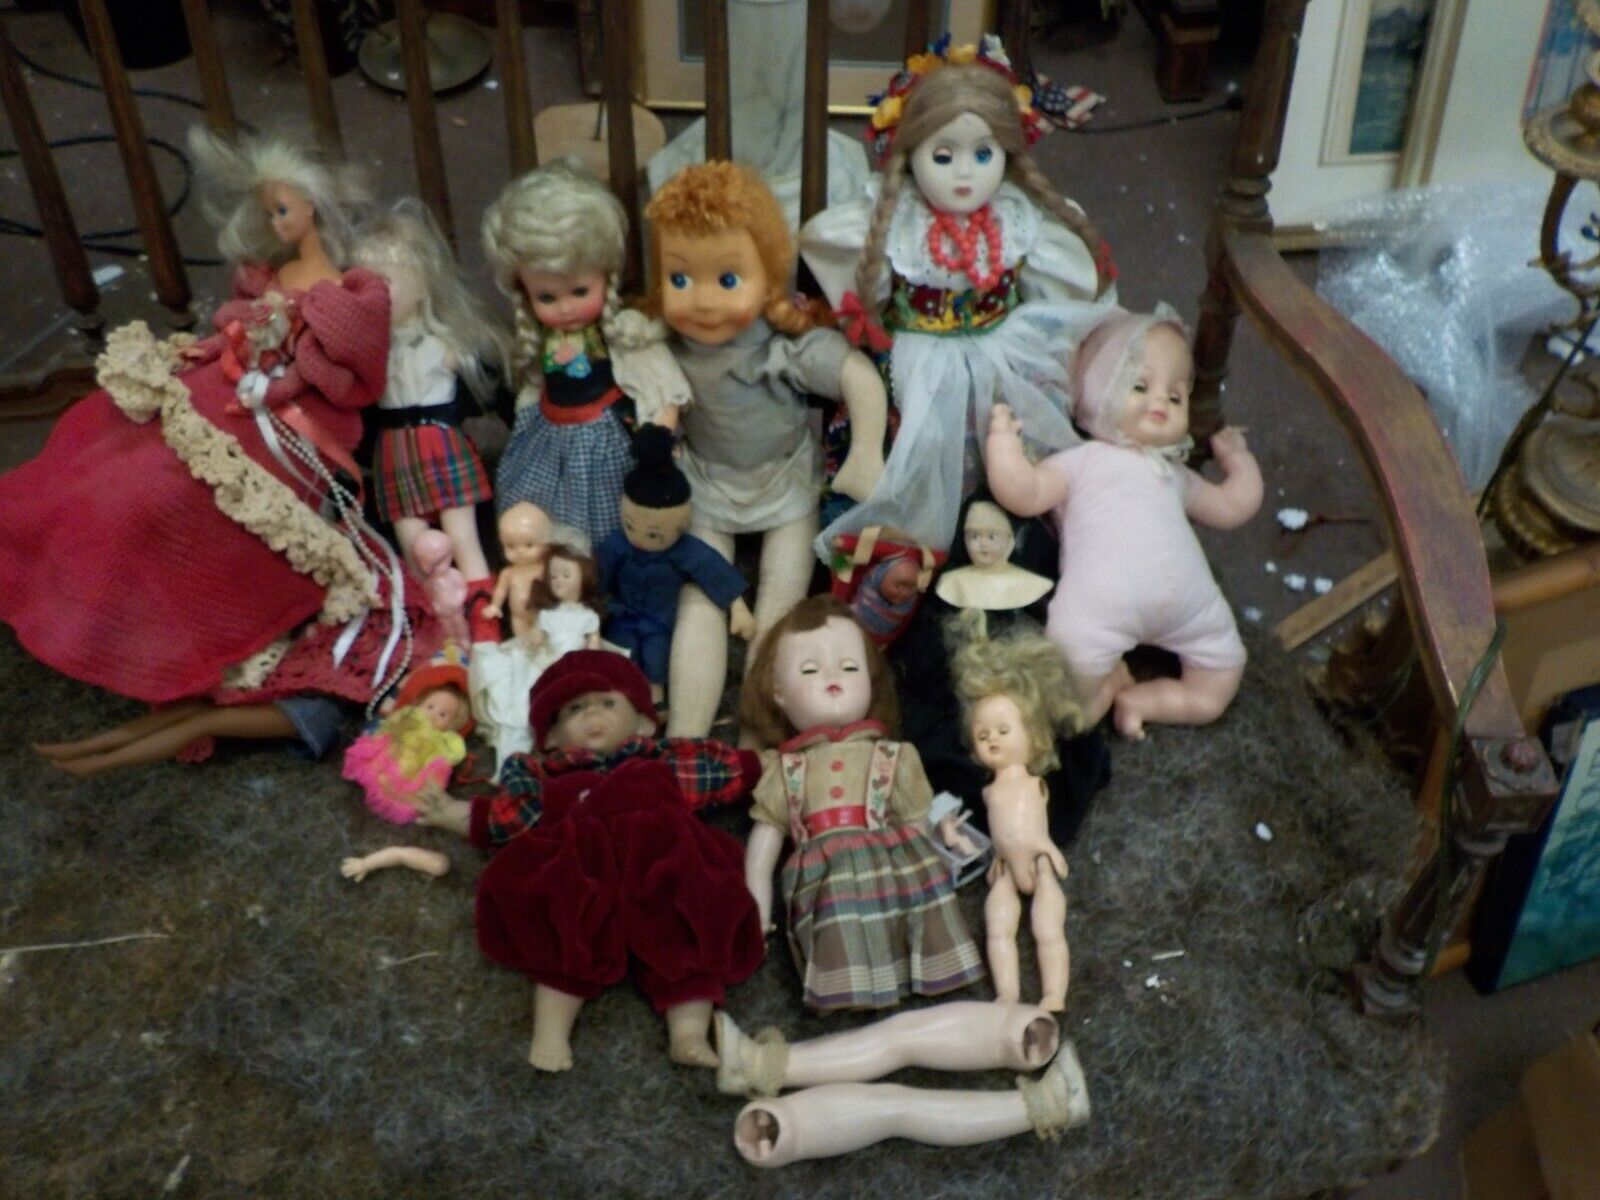 lg collection vintage dolls, antique,barbie,papoose,composition,celluloidblack67